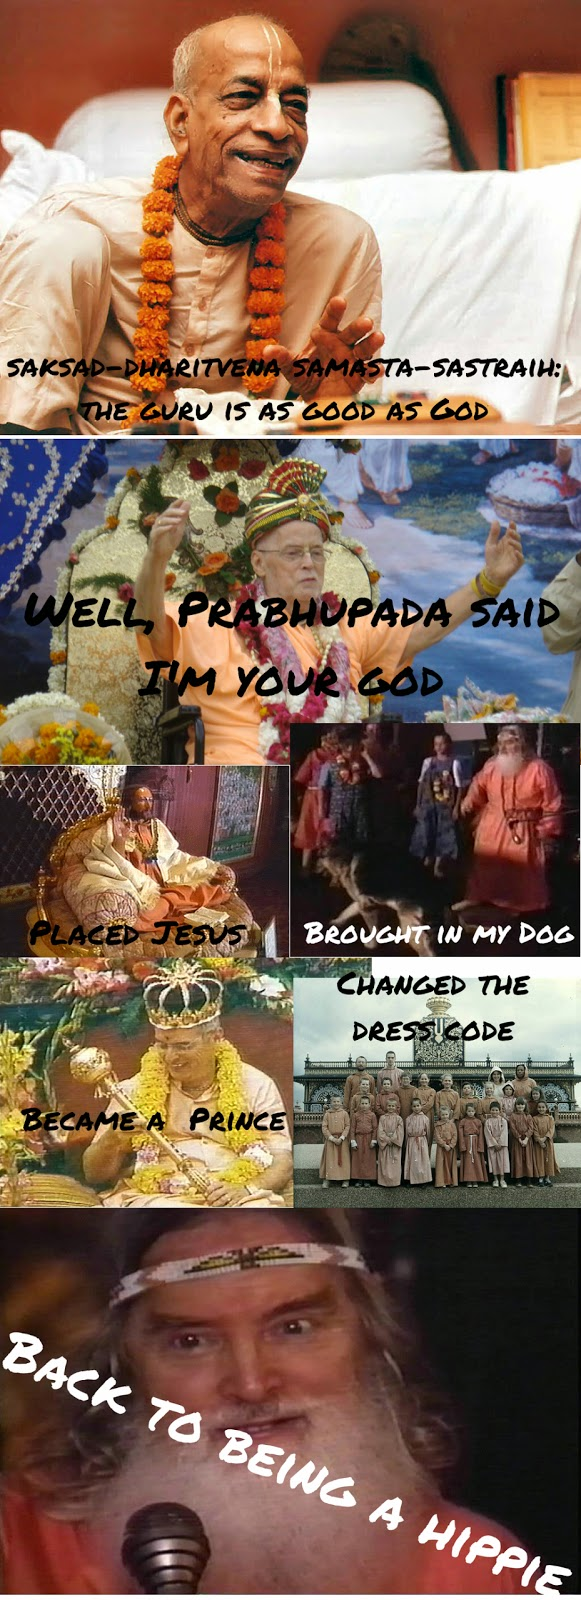 Prabhupada and Kirtanananda Swami memes